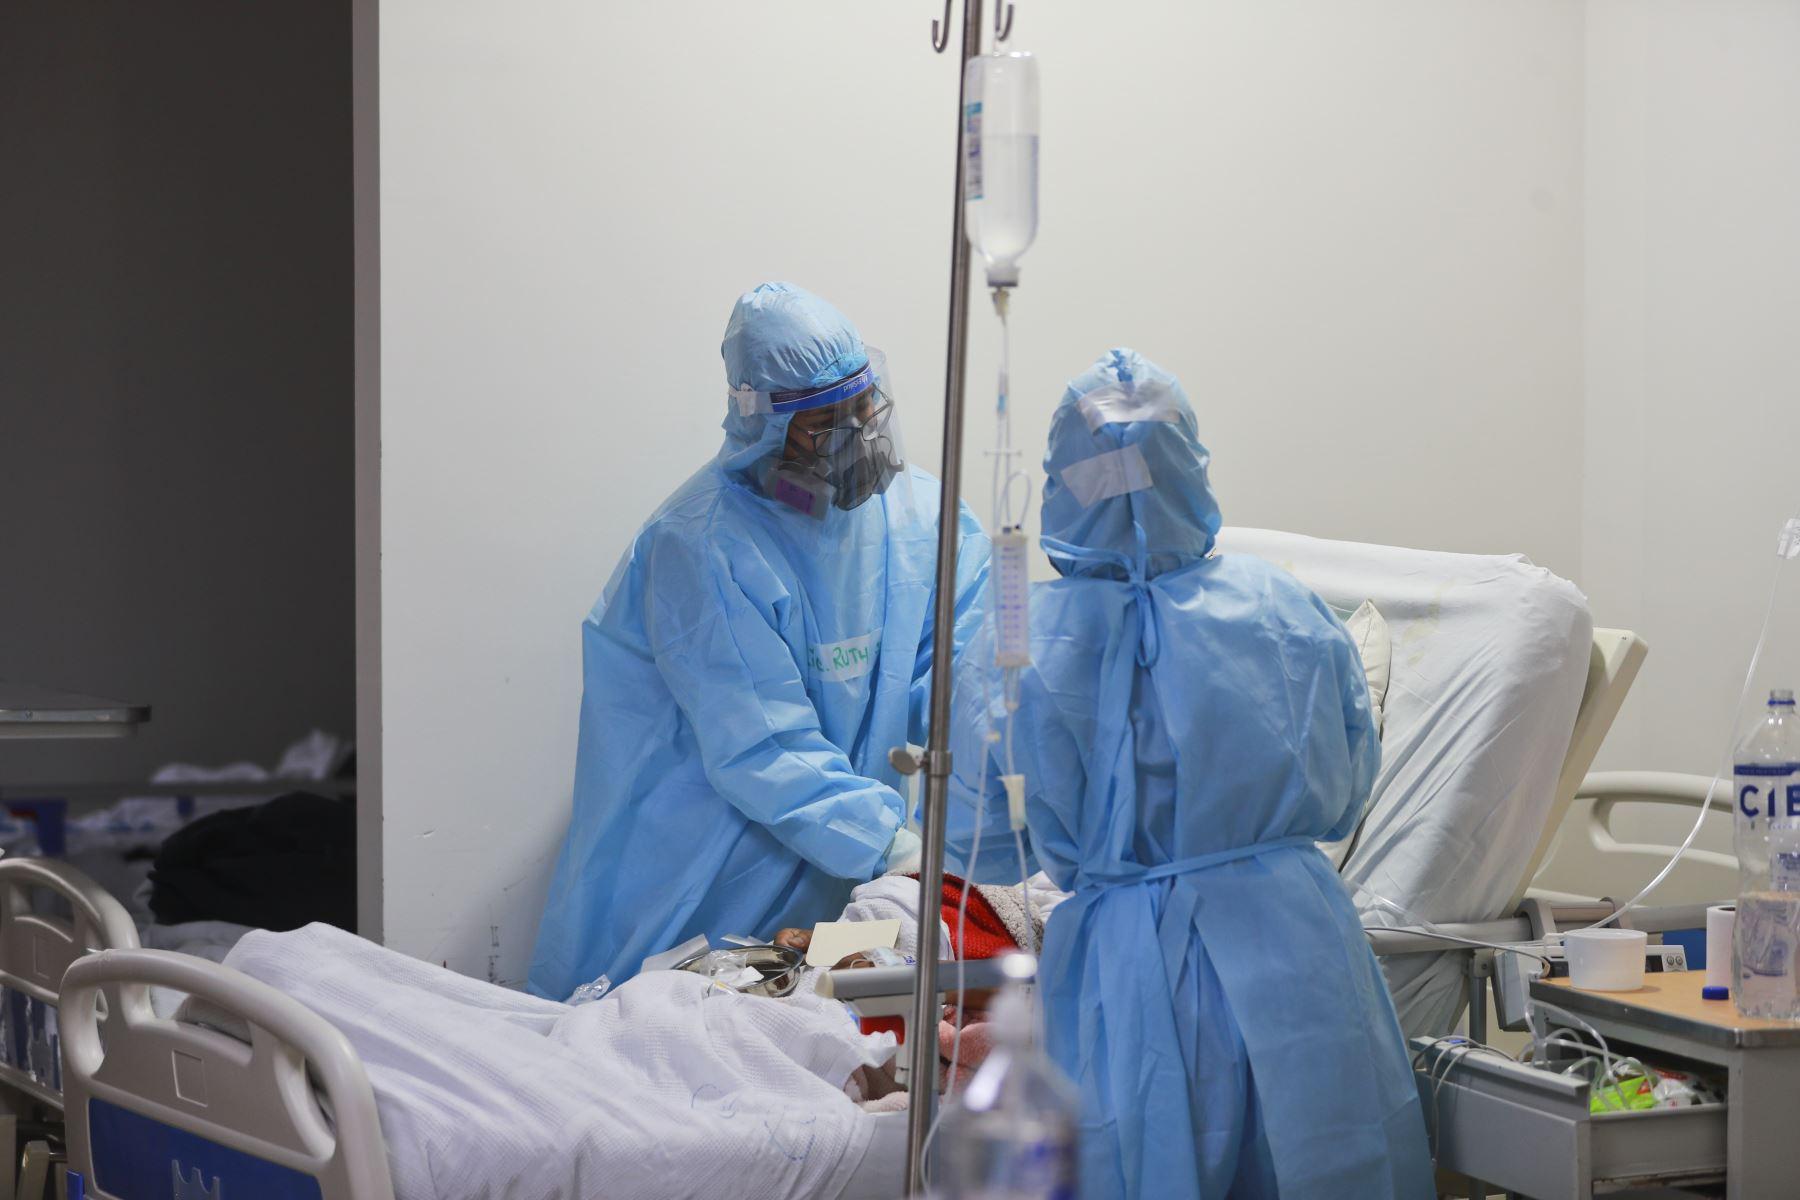 Resaltan la disminución de casos covid-19 y ocupación de camas UCI en Loreto. ANDINA/Carla Patiño Ramírez